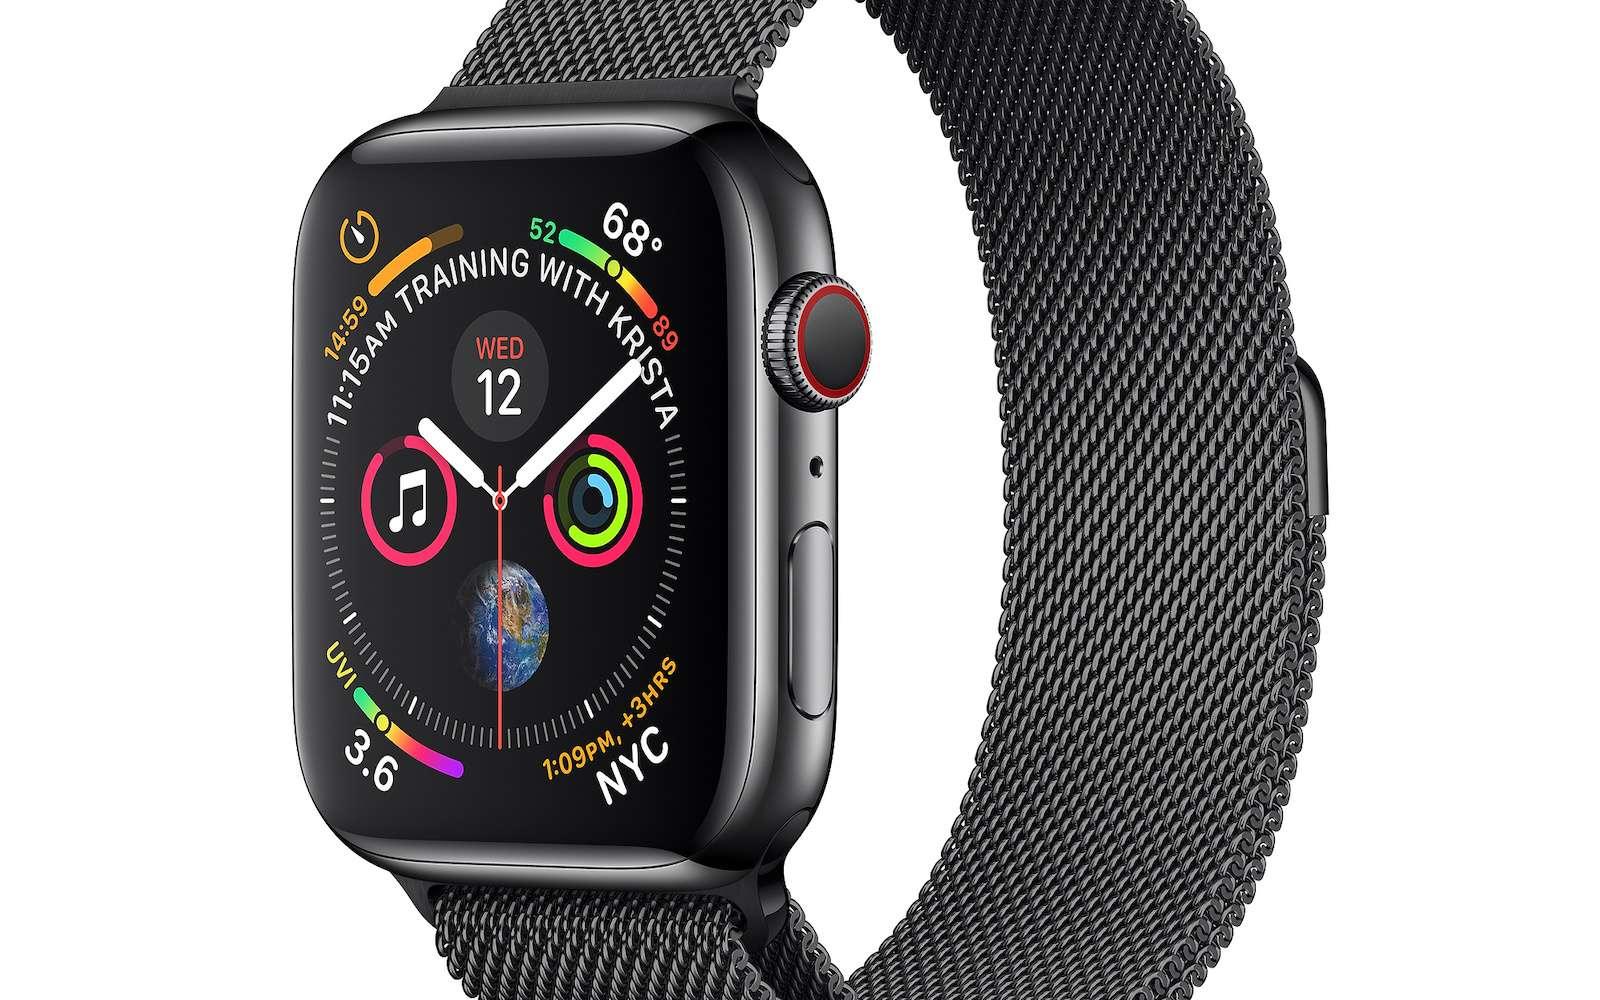 Les brevets déposés par Apple ces derniers jours permettent d'en savoir plus sur les prochaines versions de son Apple Watch © Apple